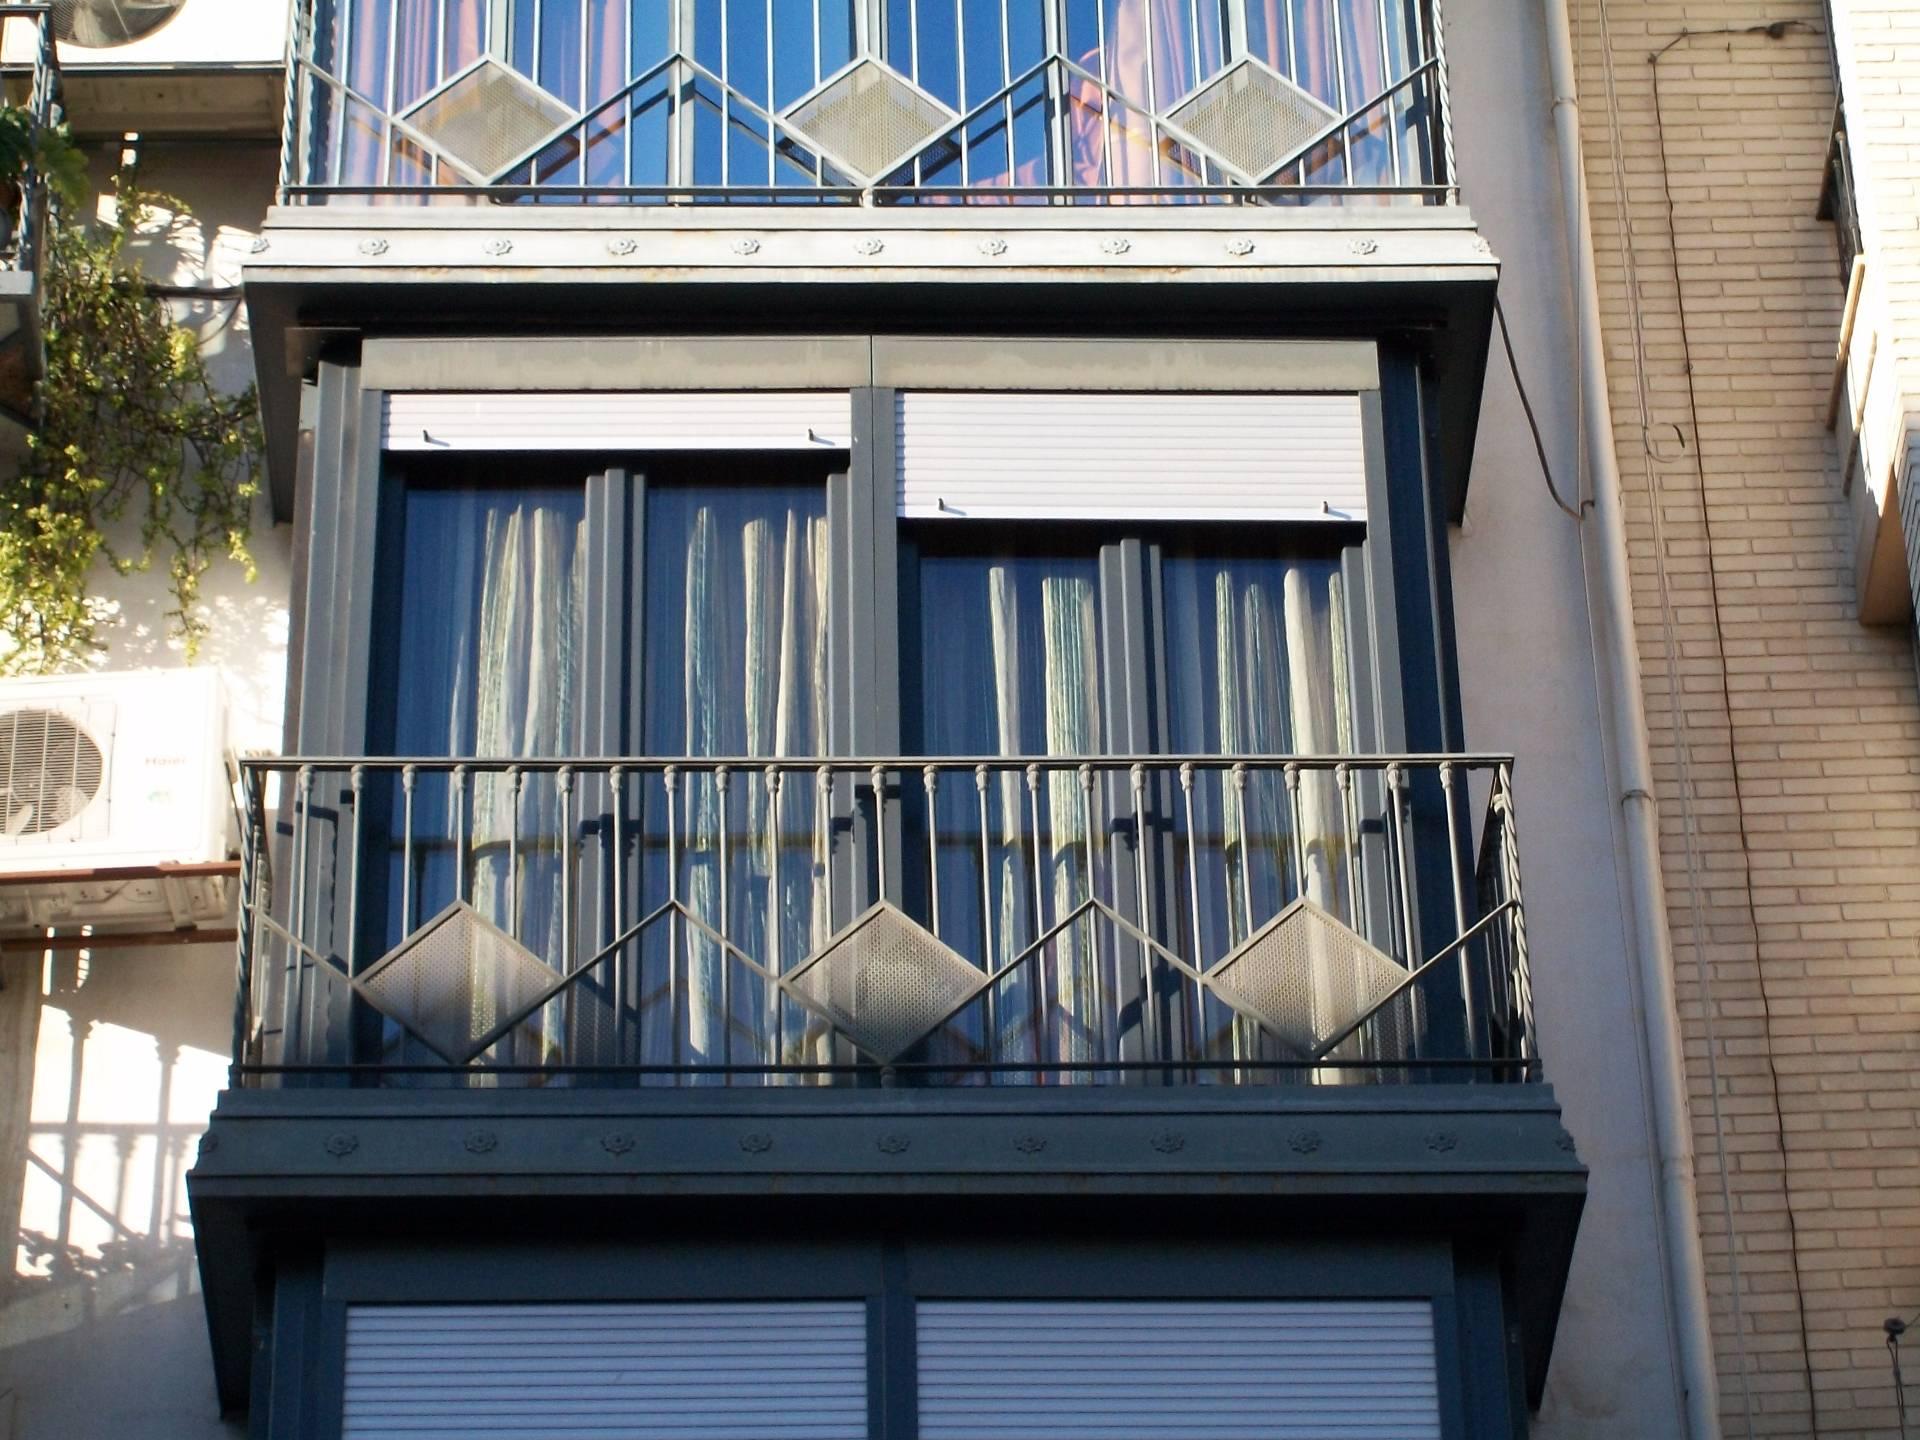 Cerramiento balcon ver la imgen completa cerramiento - Cerramiento de balcon ...